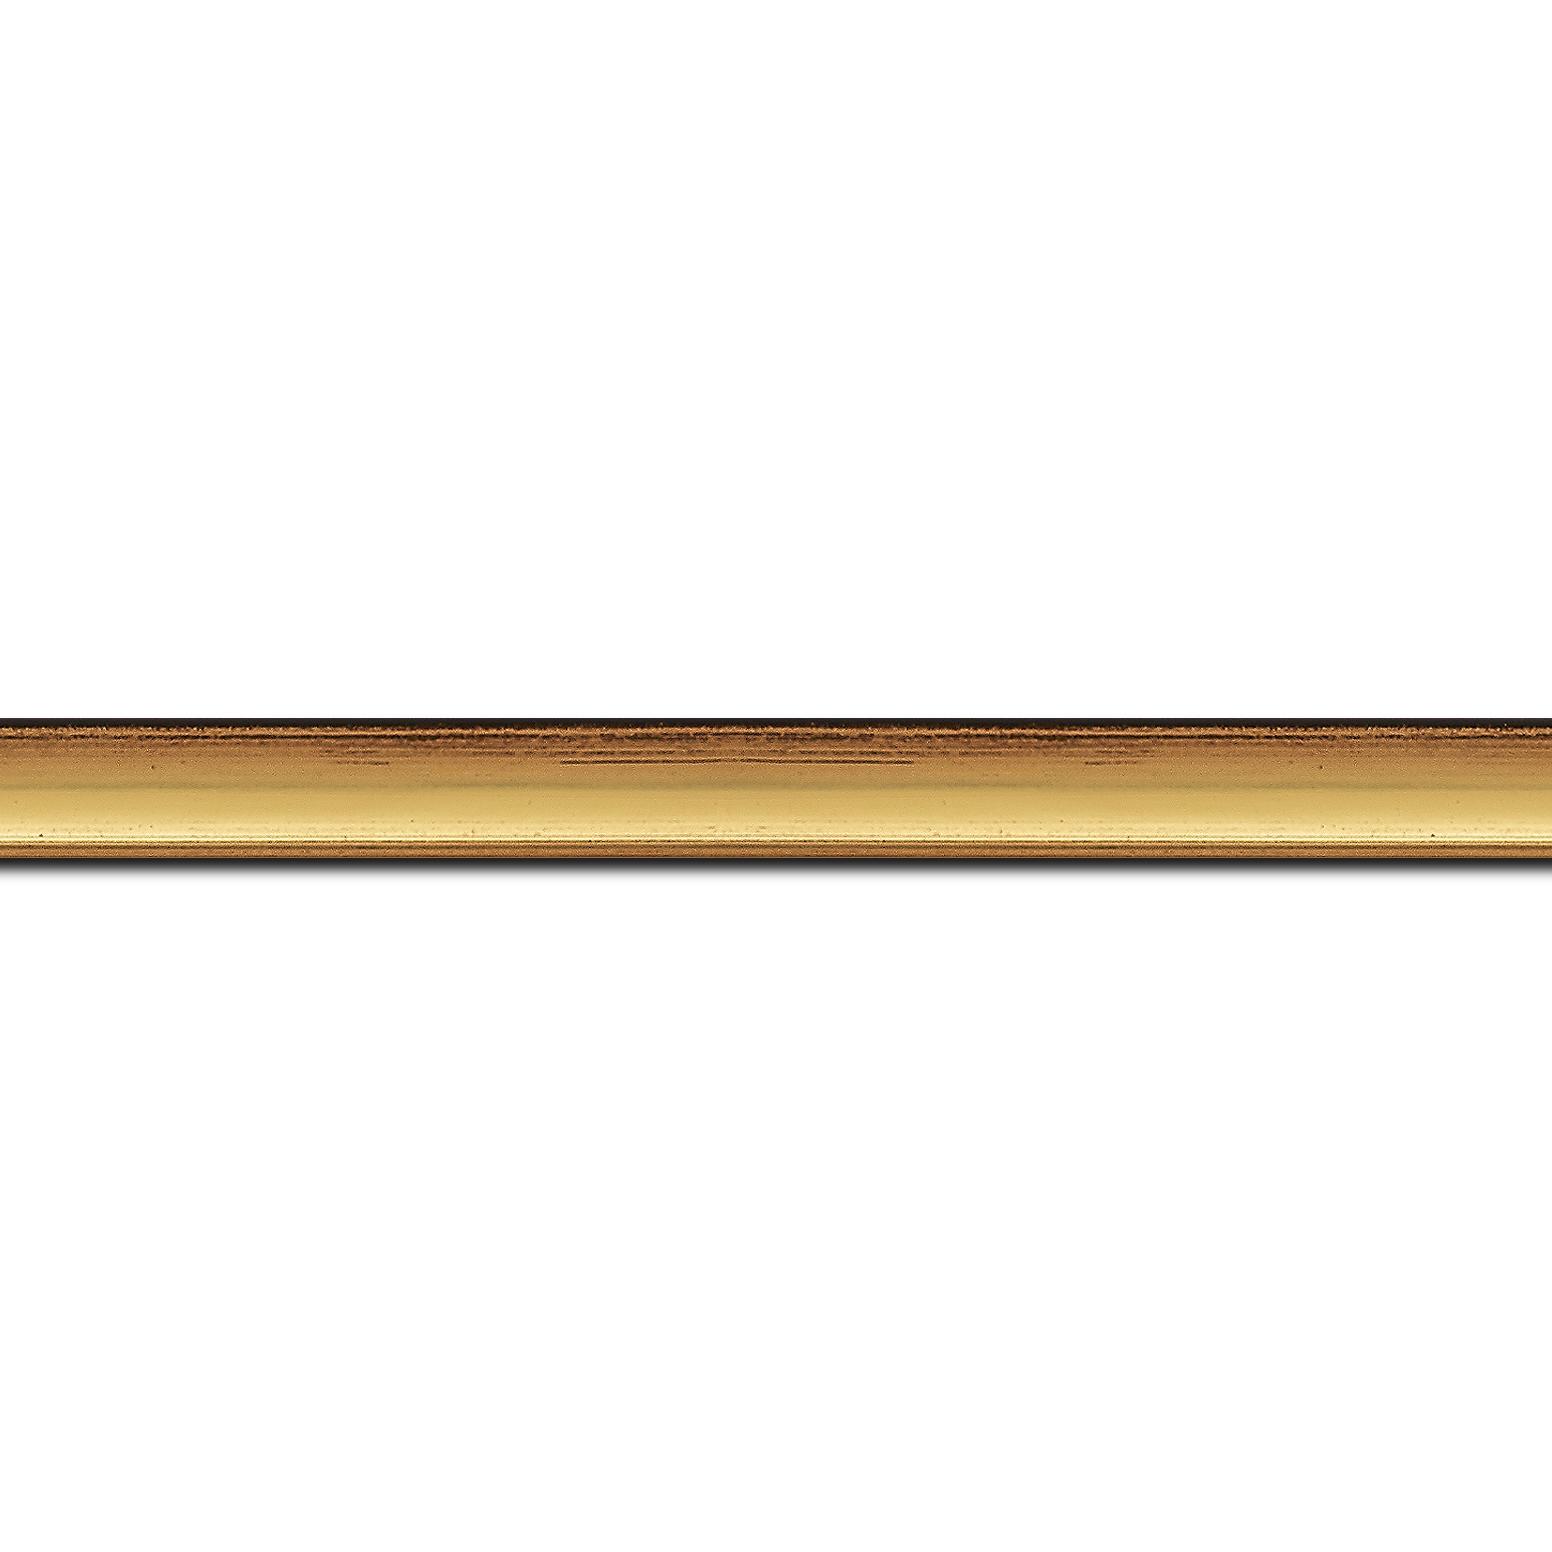 Baguette longueur 1.40m bois profil concave largeur 1.4cm couleur or coté extérieur foncé. finition haut de gamme car dorure à l'eau fait main